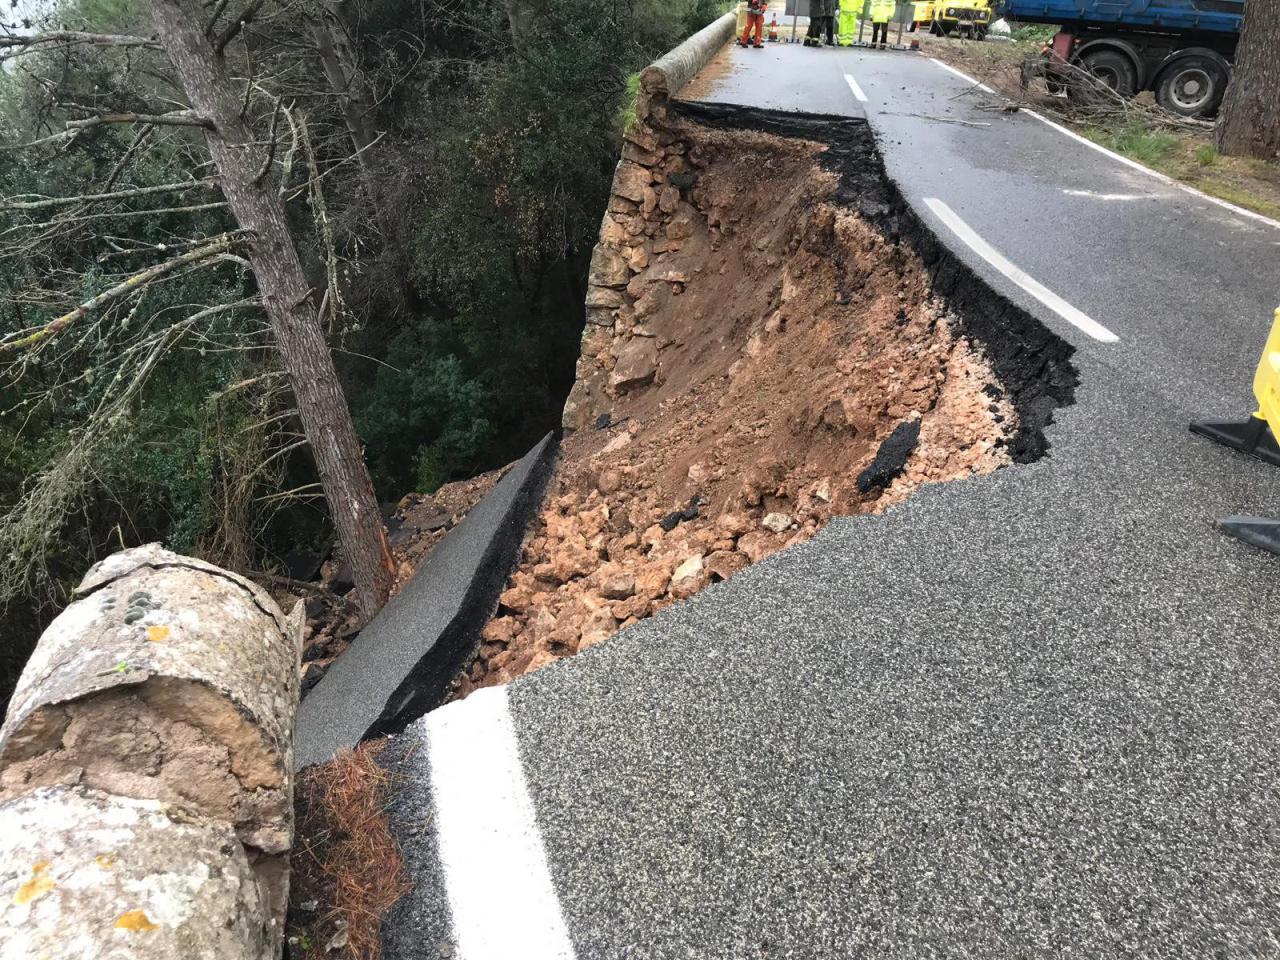 Carretera Caimari-Luc desprendida